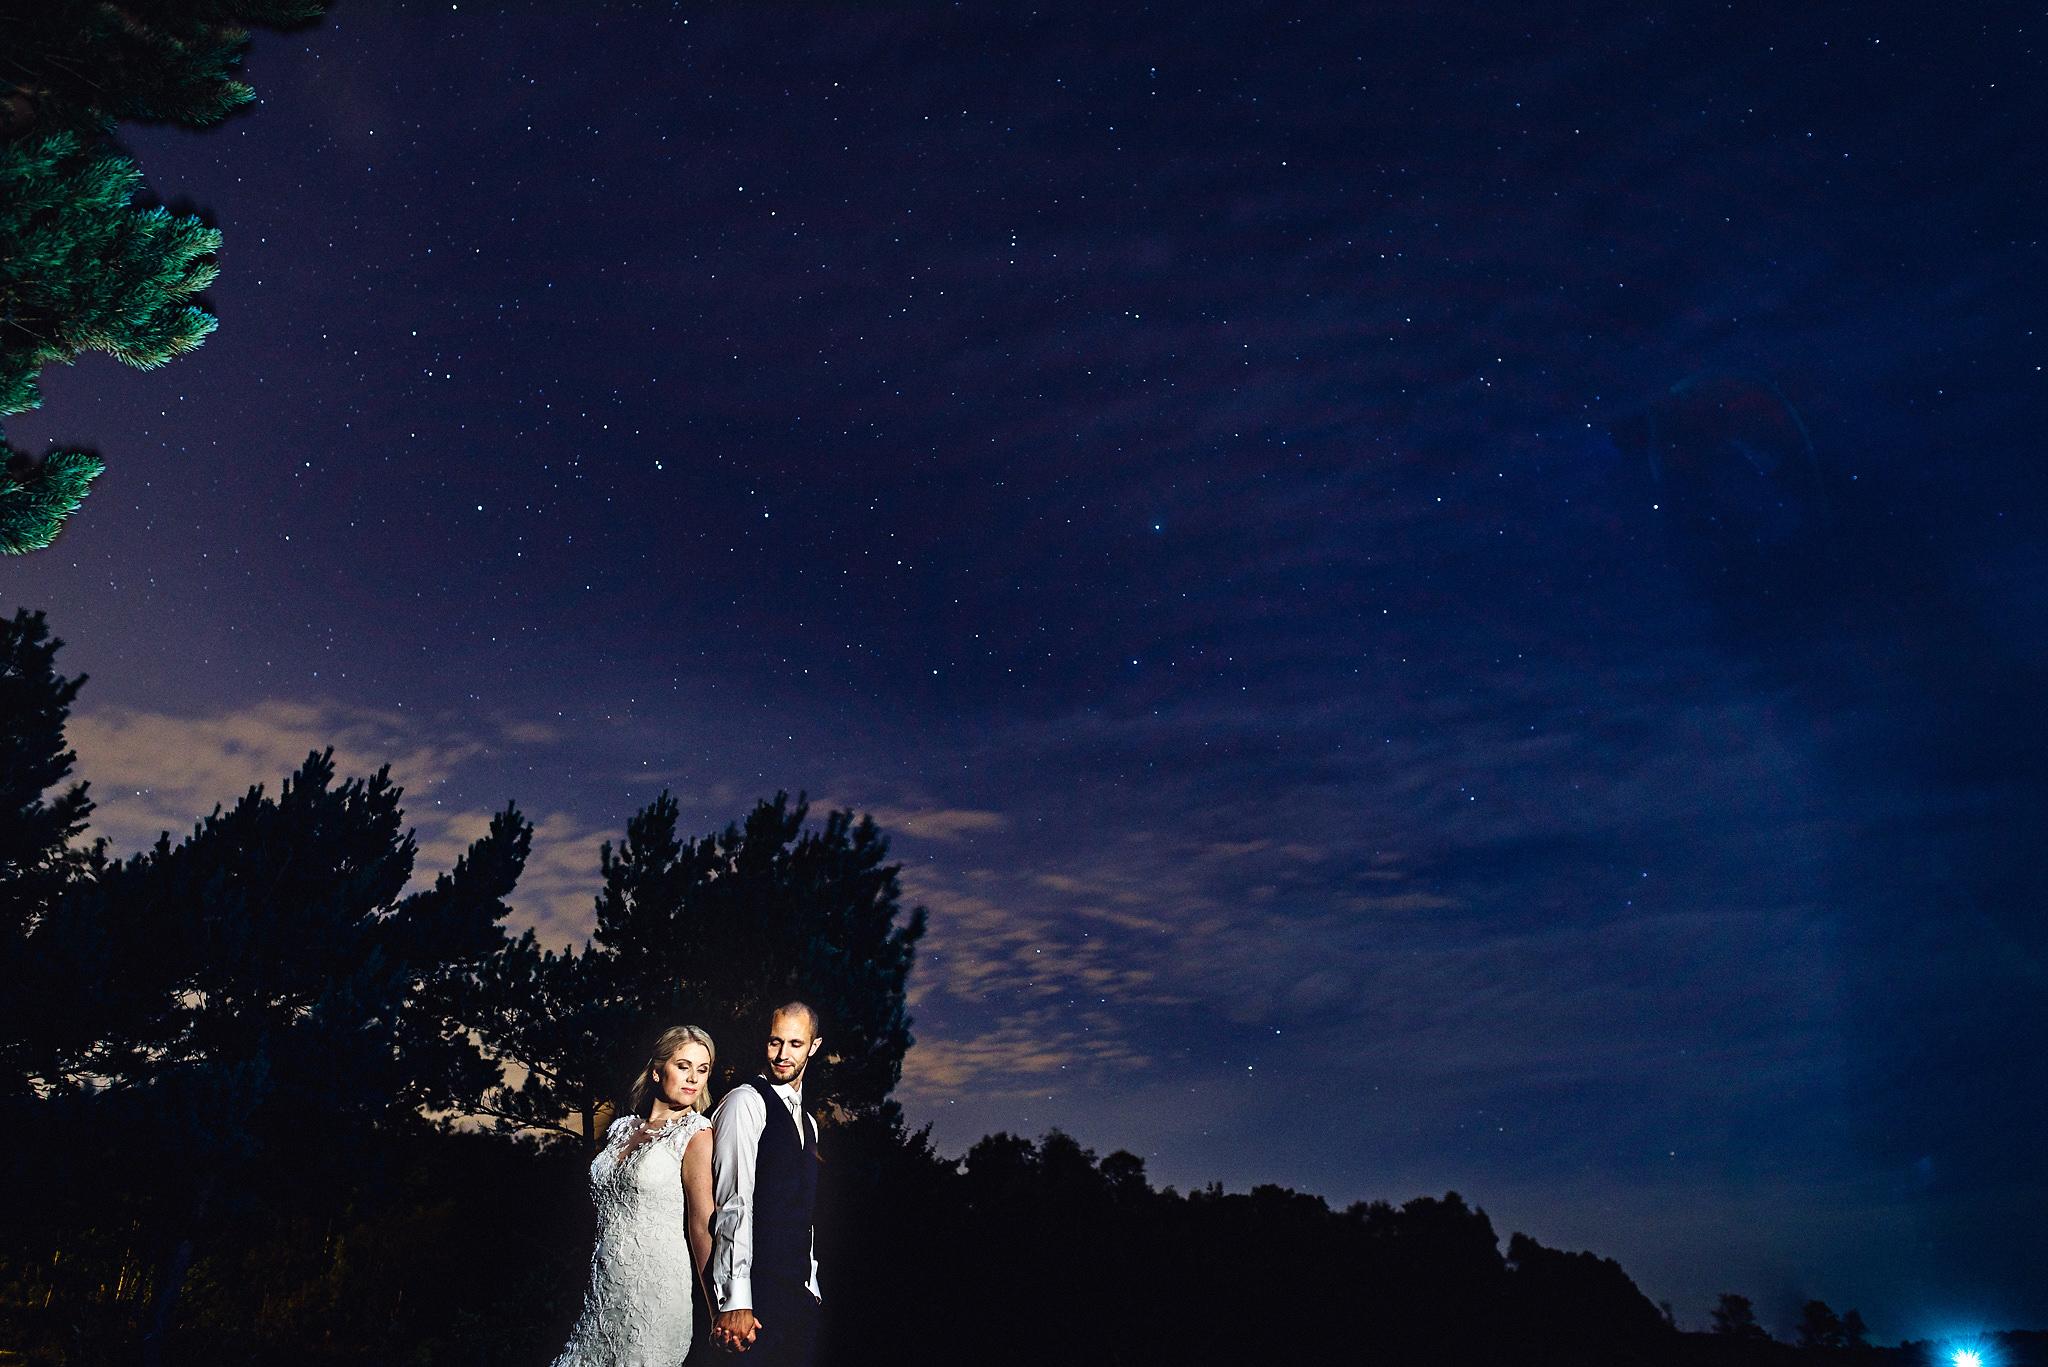 Nattportretter - Stativ, lang lukkertid og selvutløser. Lyst til å avslutte albumet med et smell? Et skikkelig siste bilde på bryllupsdagen? Når forholdene gjør det mulig pleier jeg å ta portretter i mørket.Jeg viser deg alt du trenger å vite for å blande tilgjengelig lys, blitz, lommelykt, mobiltelefon, LED-lys eller hva slags lyskilde du måtte ha for hånden.